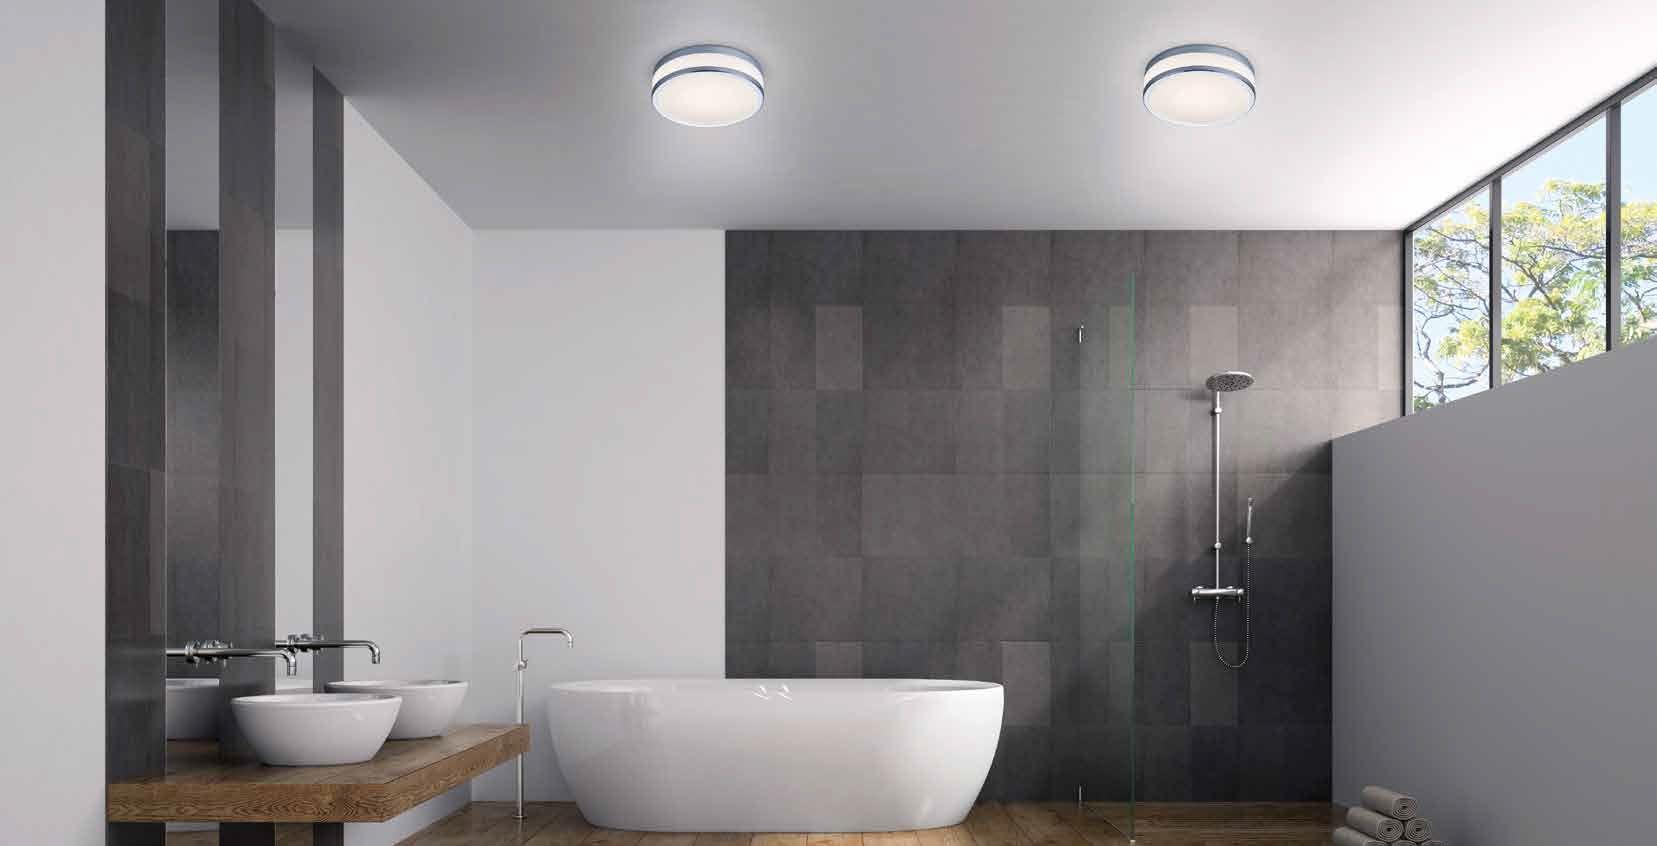 LED-Deckenleuchten von Helestra Leuchten ZELO LED Deckenleuchte 15/1820.04